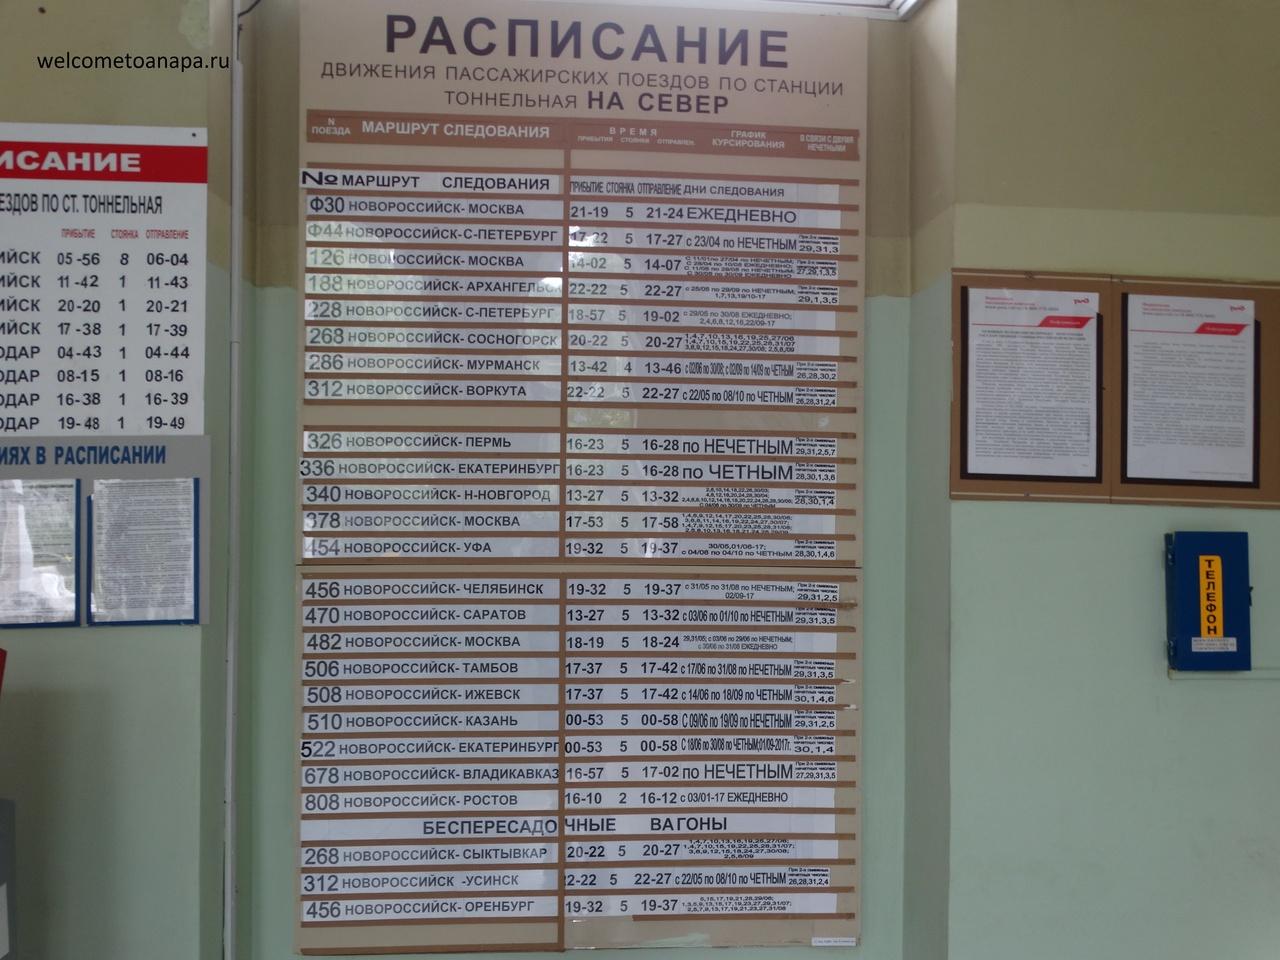 Расписание поездов, маршрут следования, стоимость билетов орск - омск на